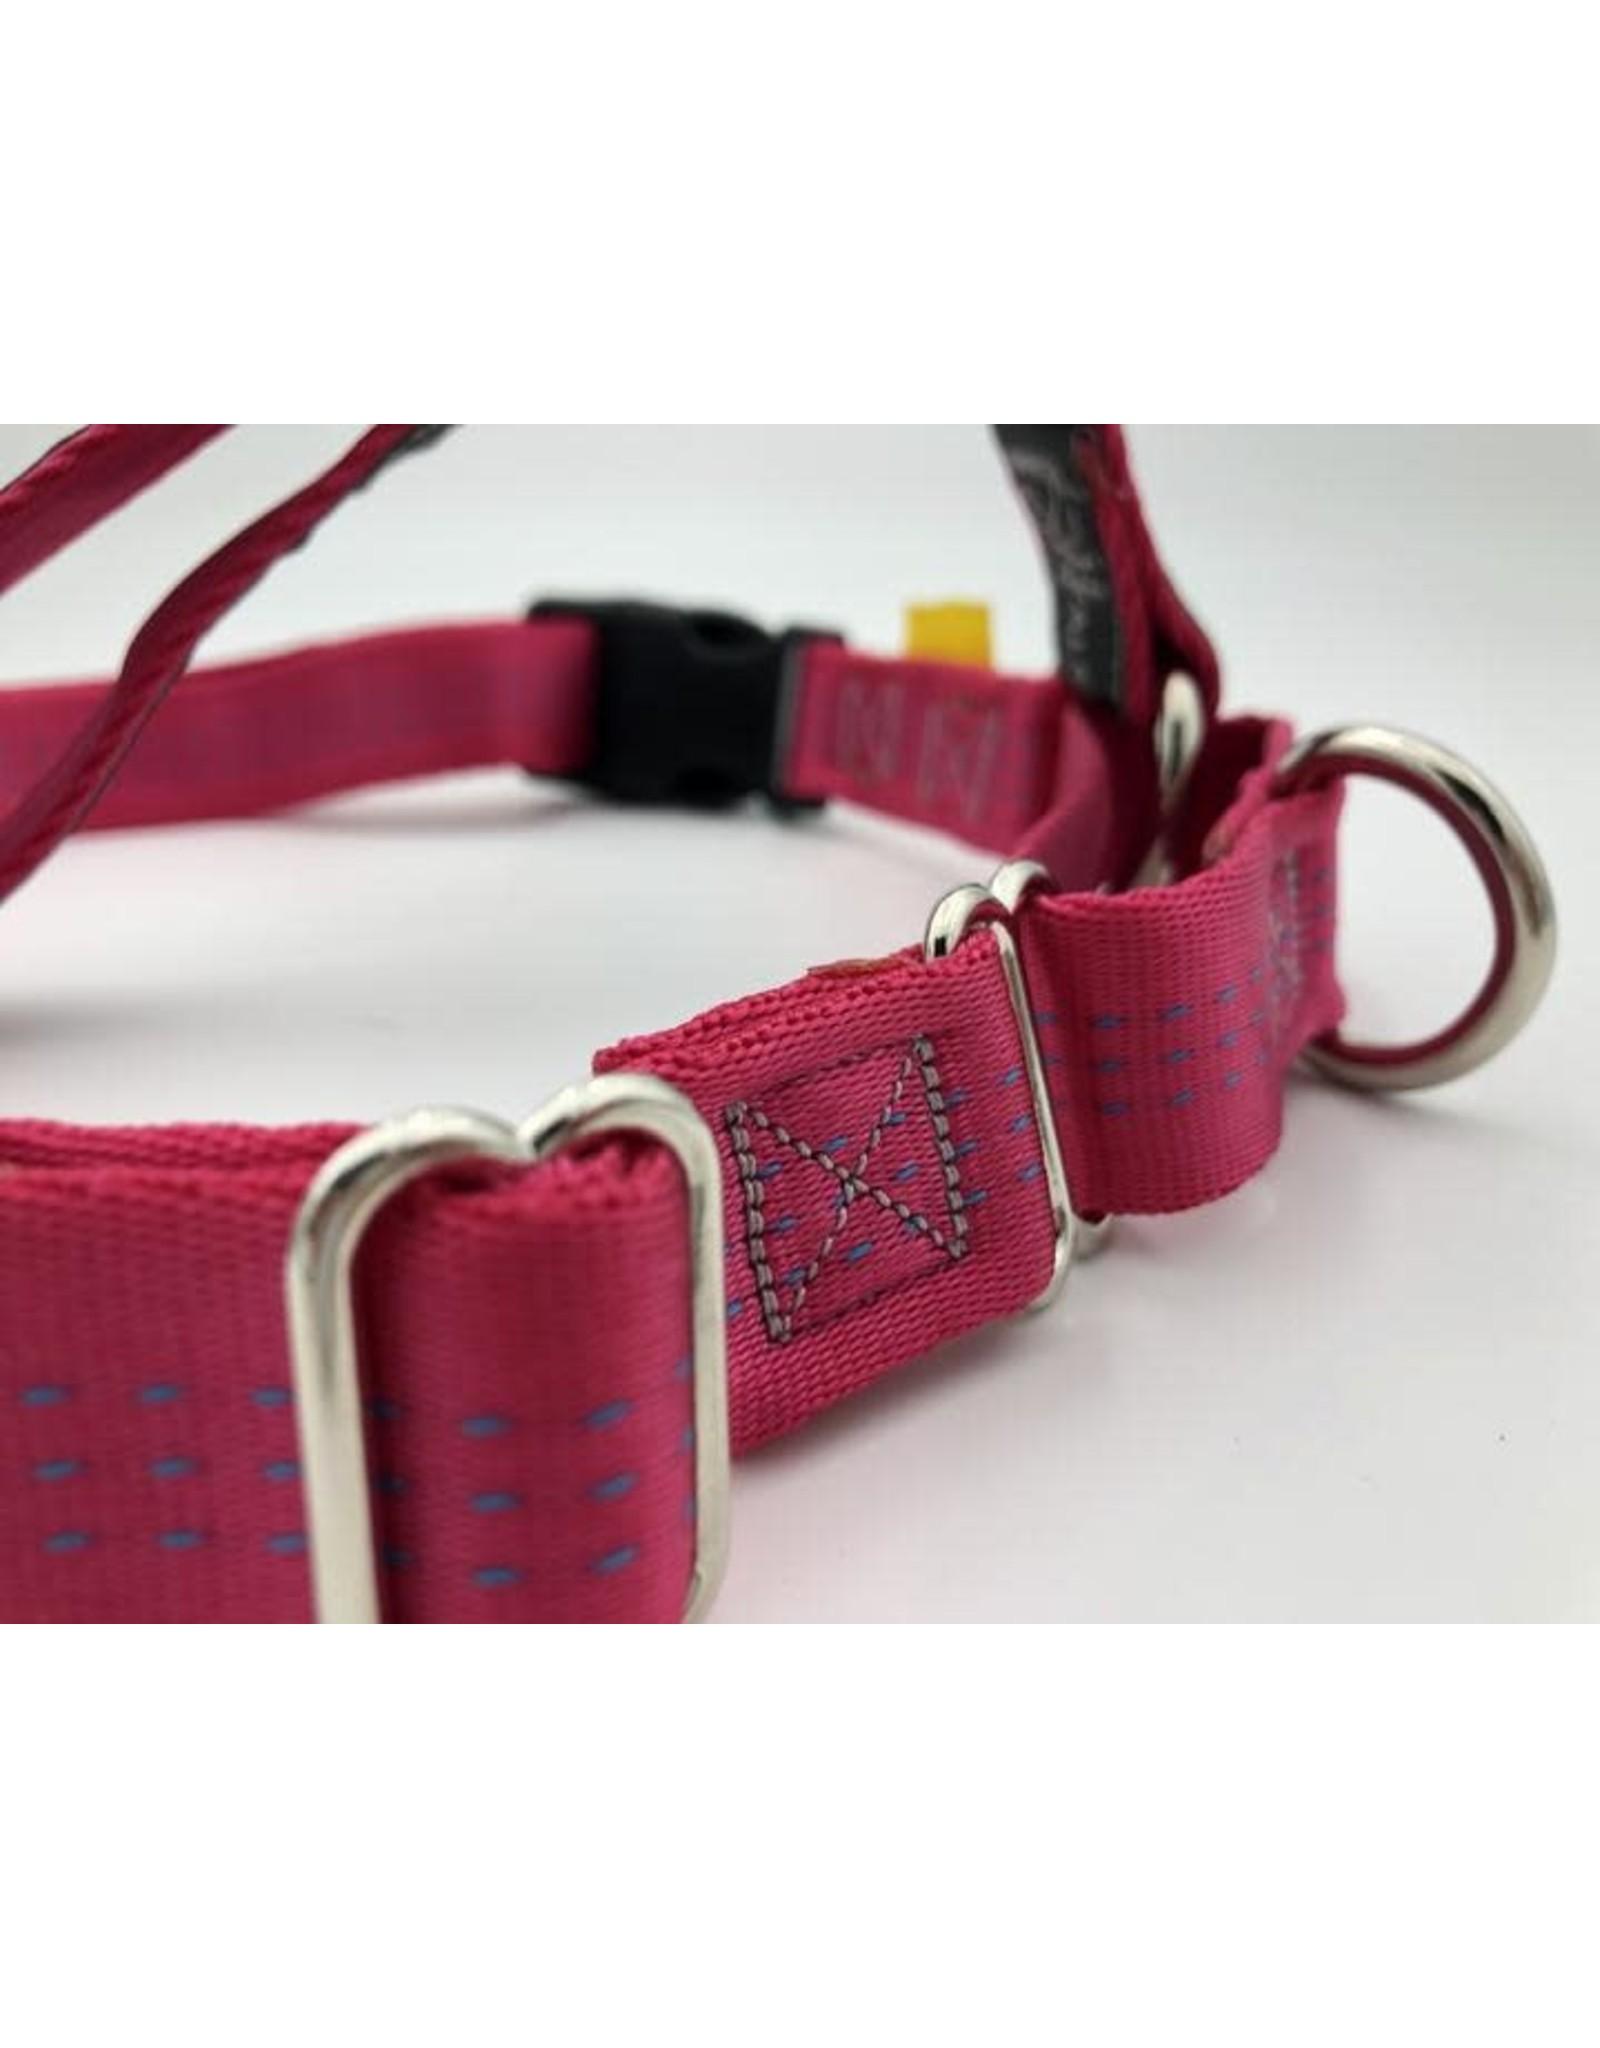 JWalker JWalker Harness - Pink - XL